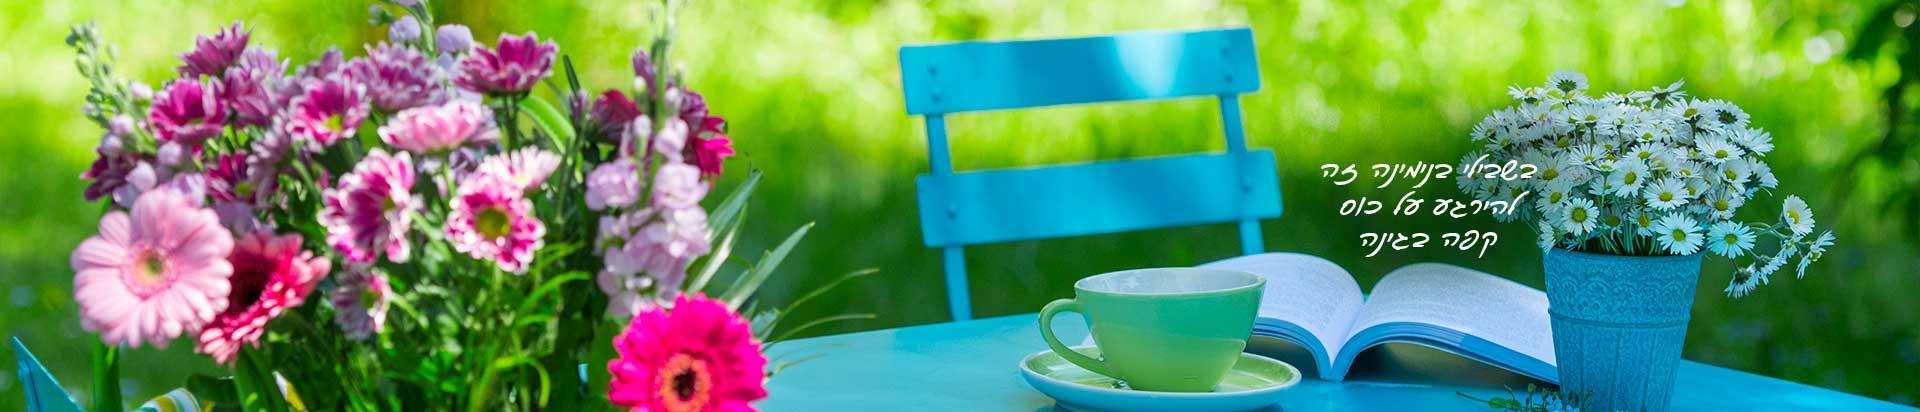 בשבילי בנימינה זה להירגע על כוס קפה